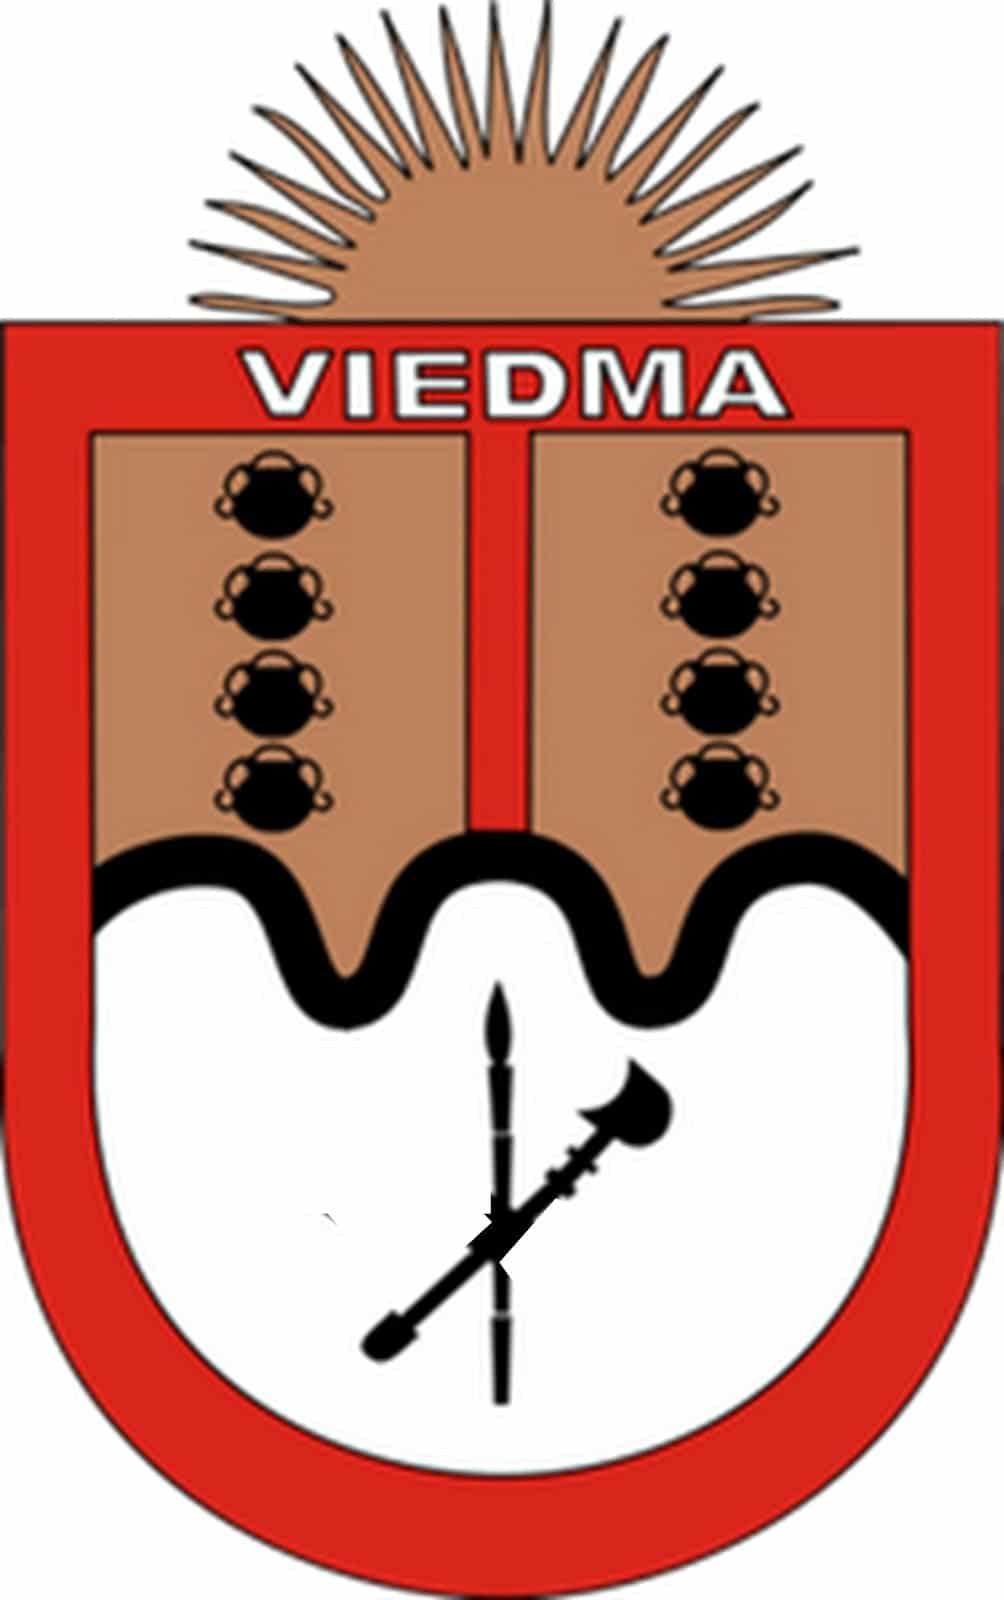 Viedma-Río-Negro-2